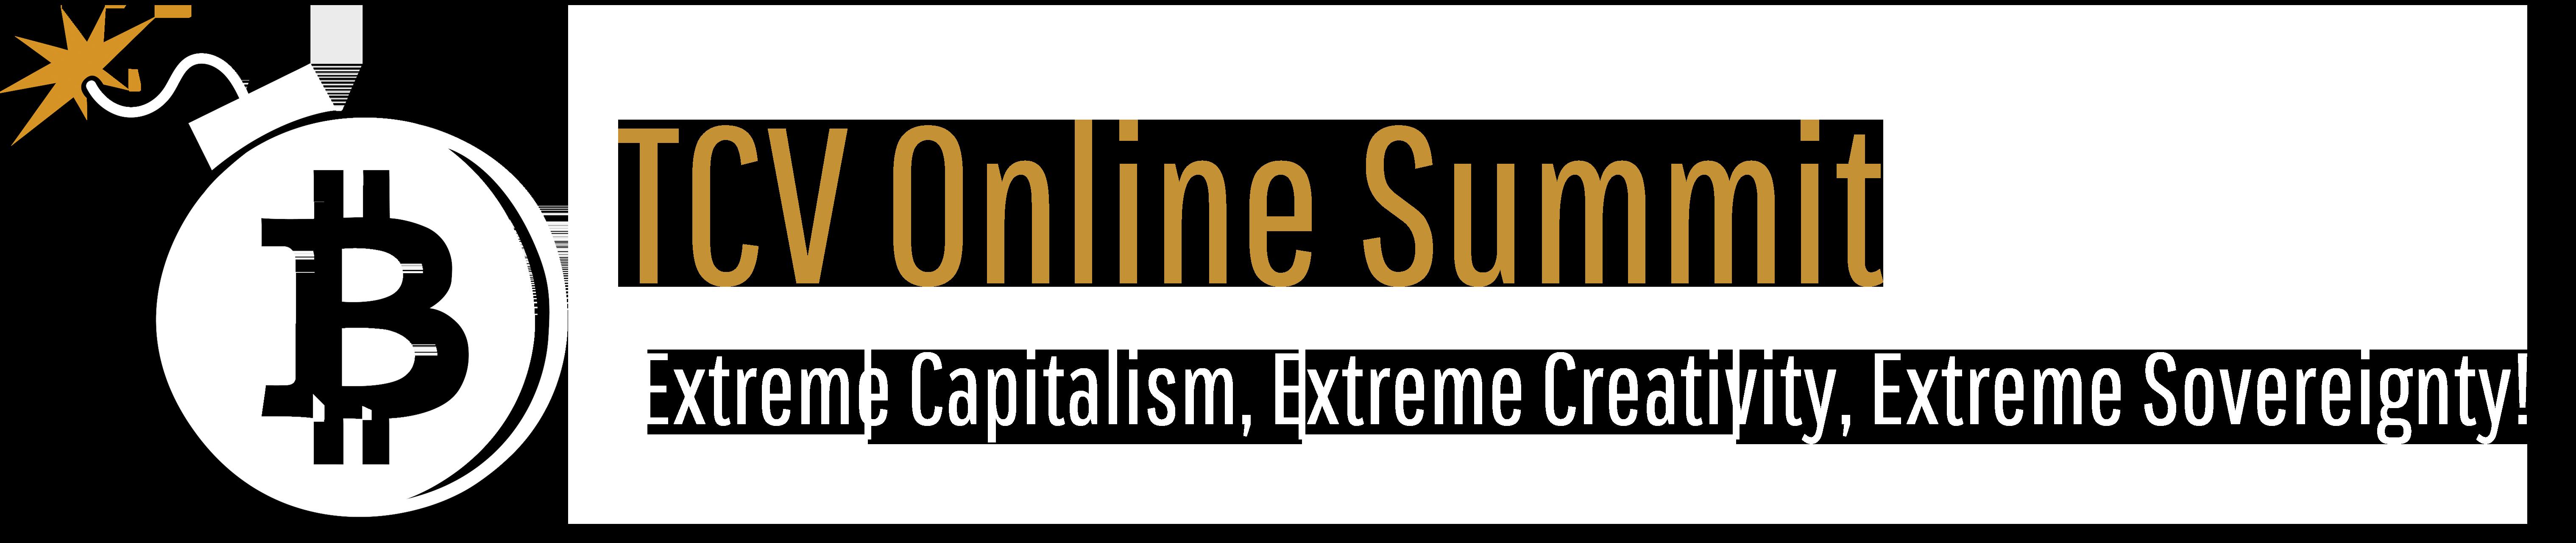 TCV Online Summit